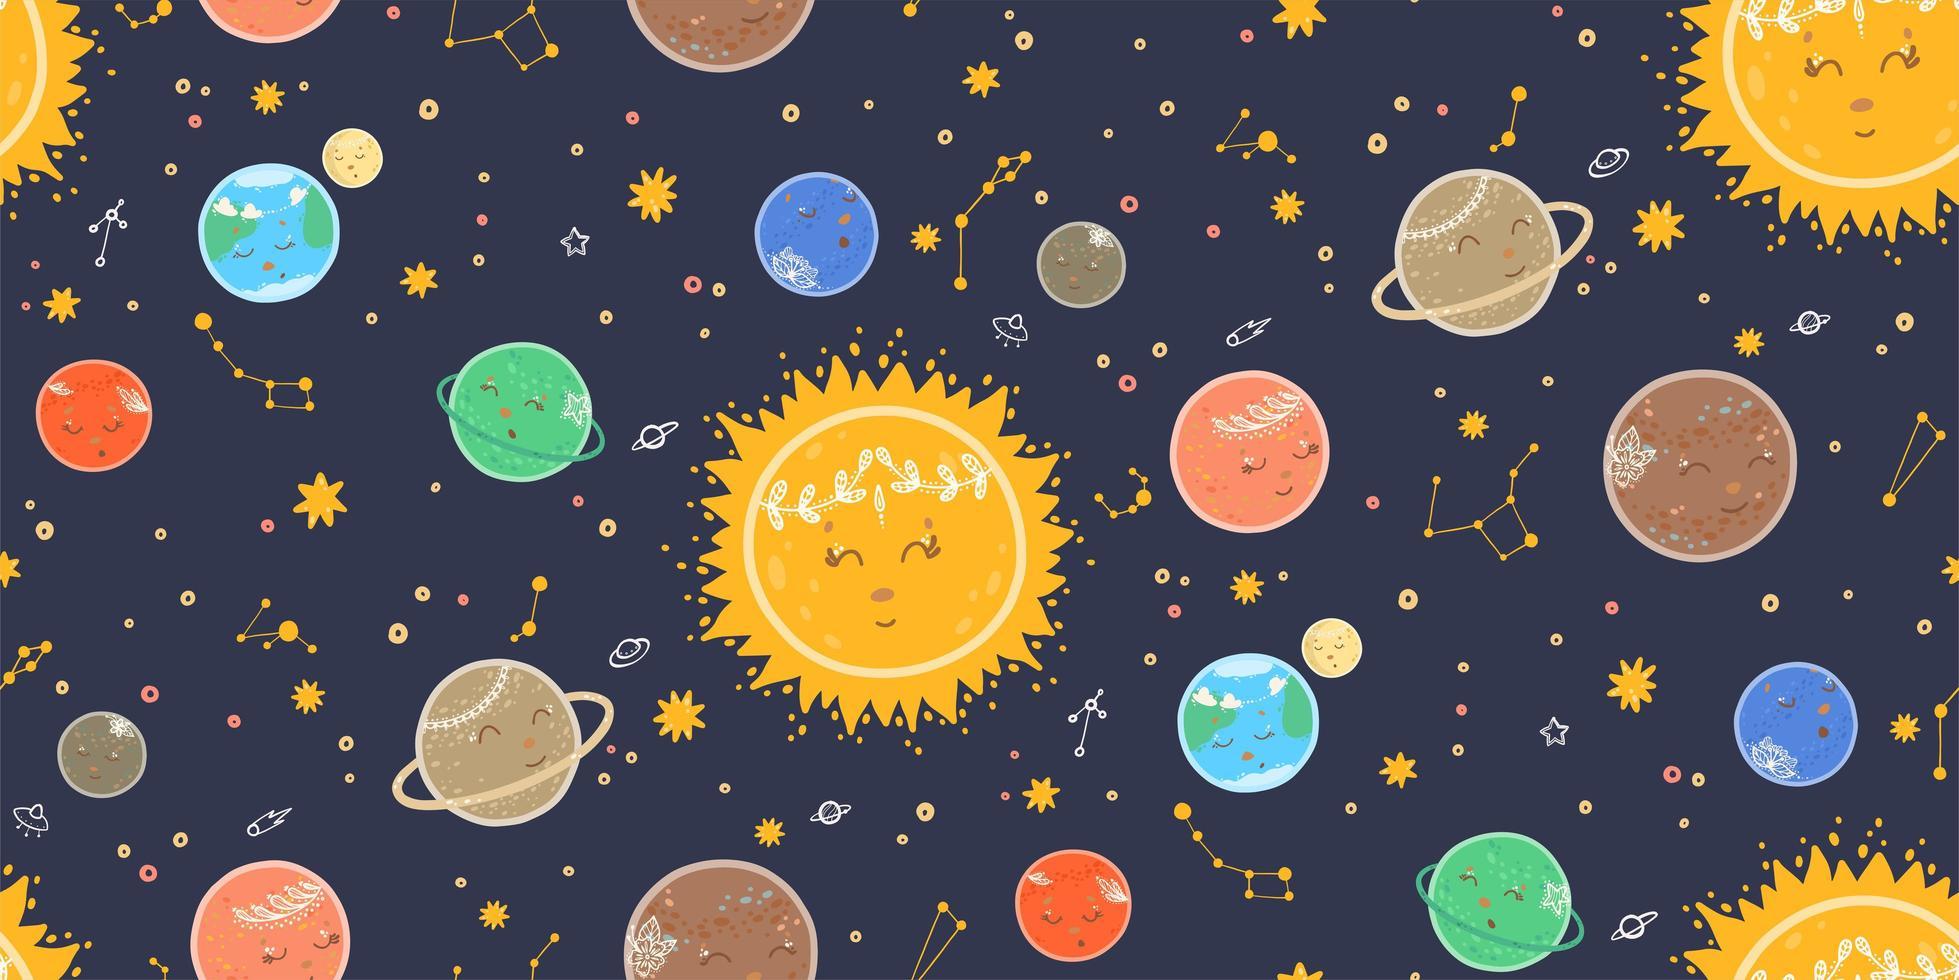 patrón de espacio sin costuras con planetas para dormir vector